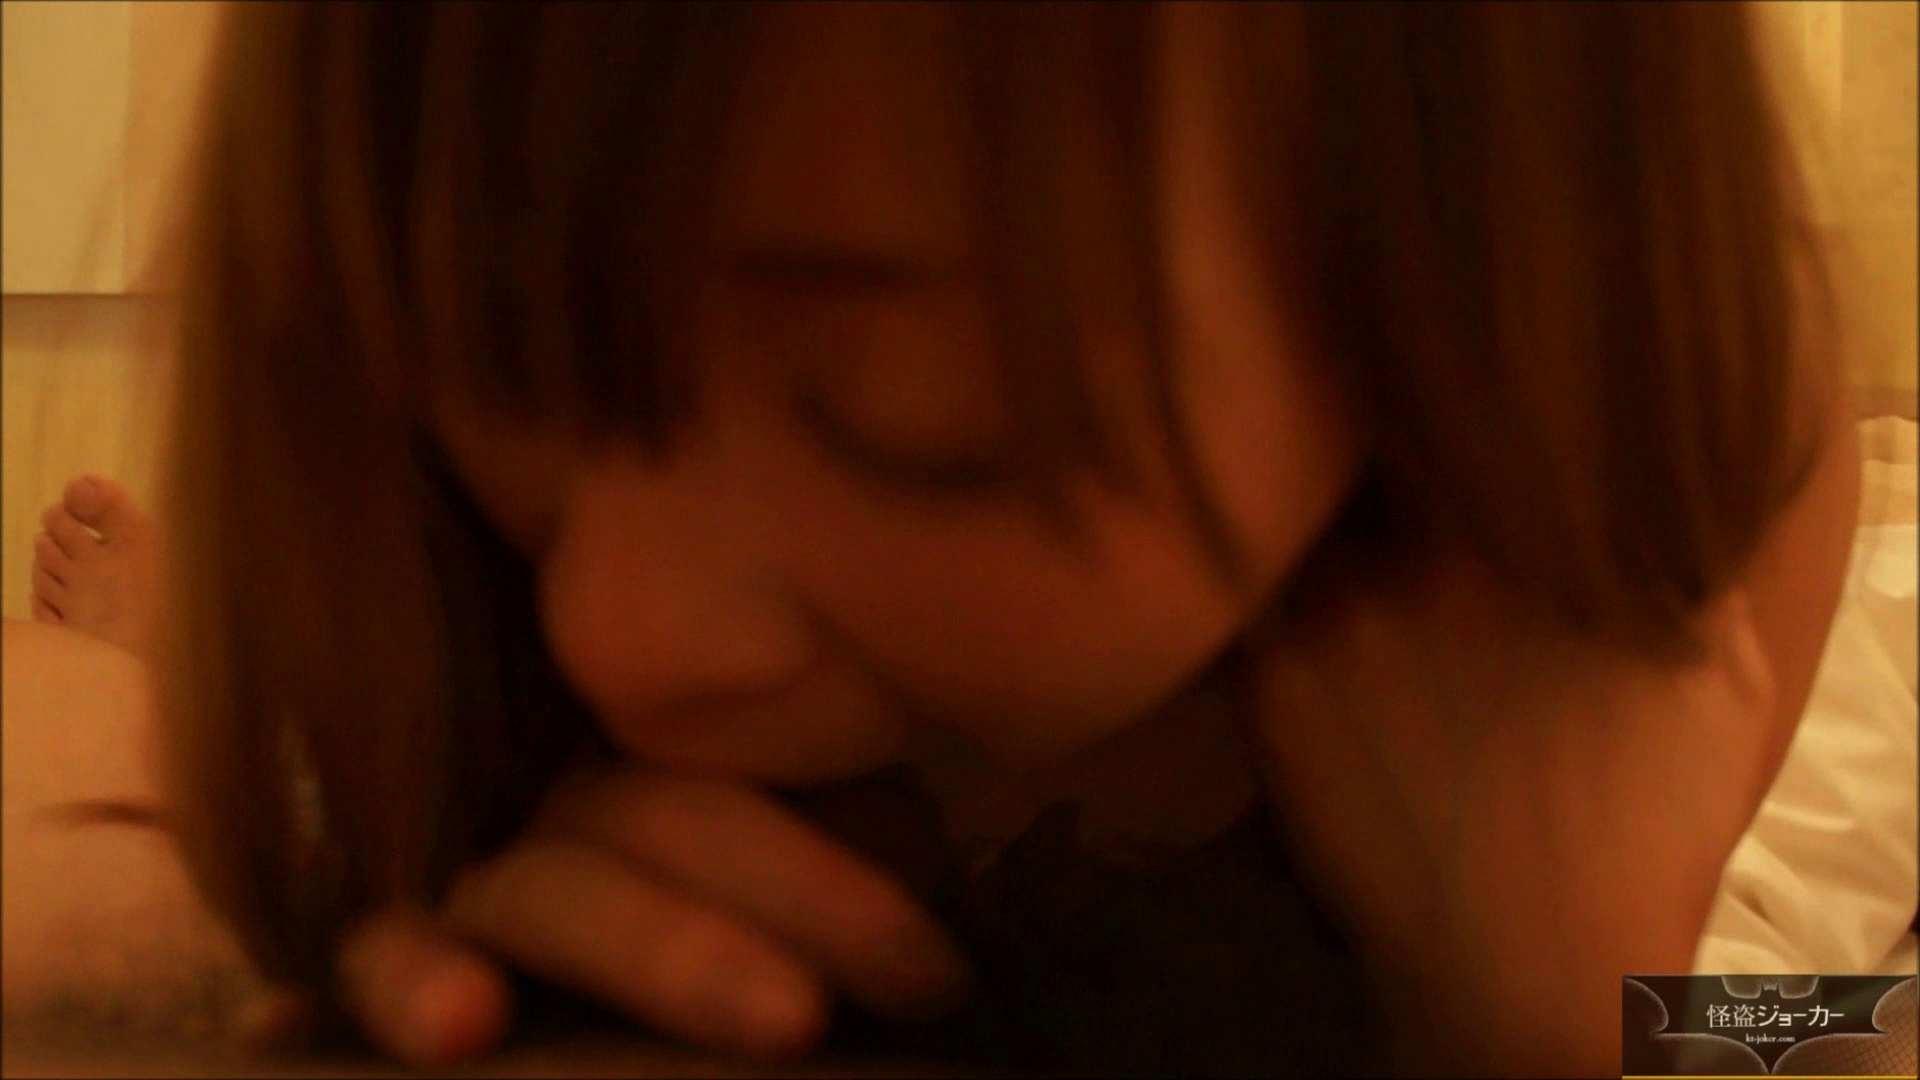 【未公開】vol.36 【援助】鏡越しの朋葉を見ながら・・・ ギャル  85PIX 59